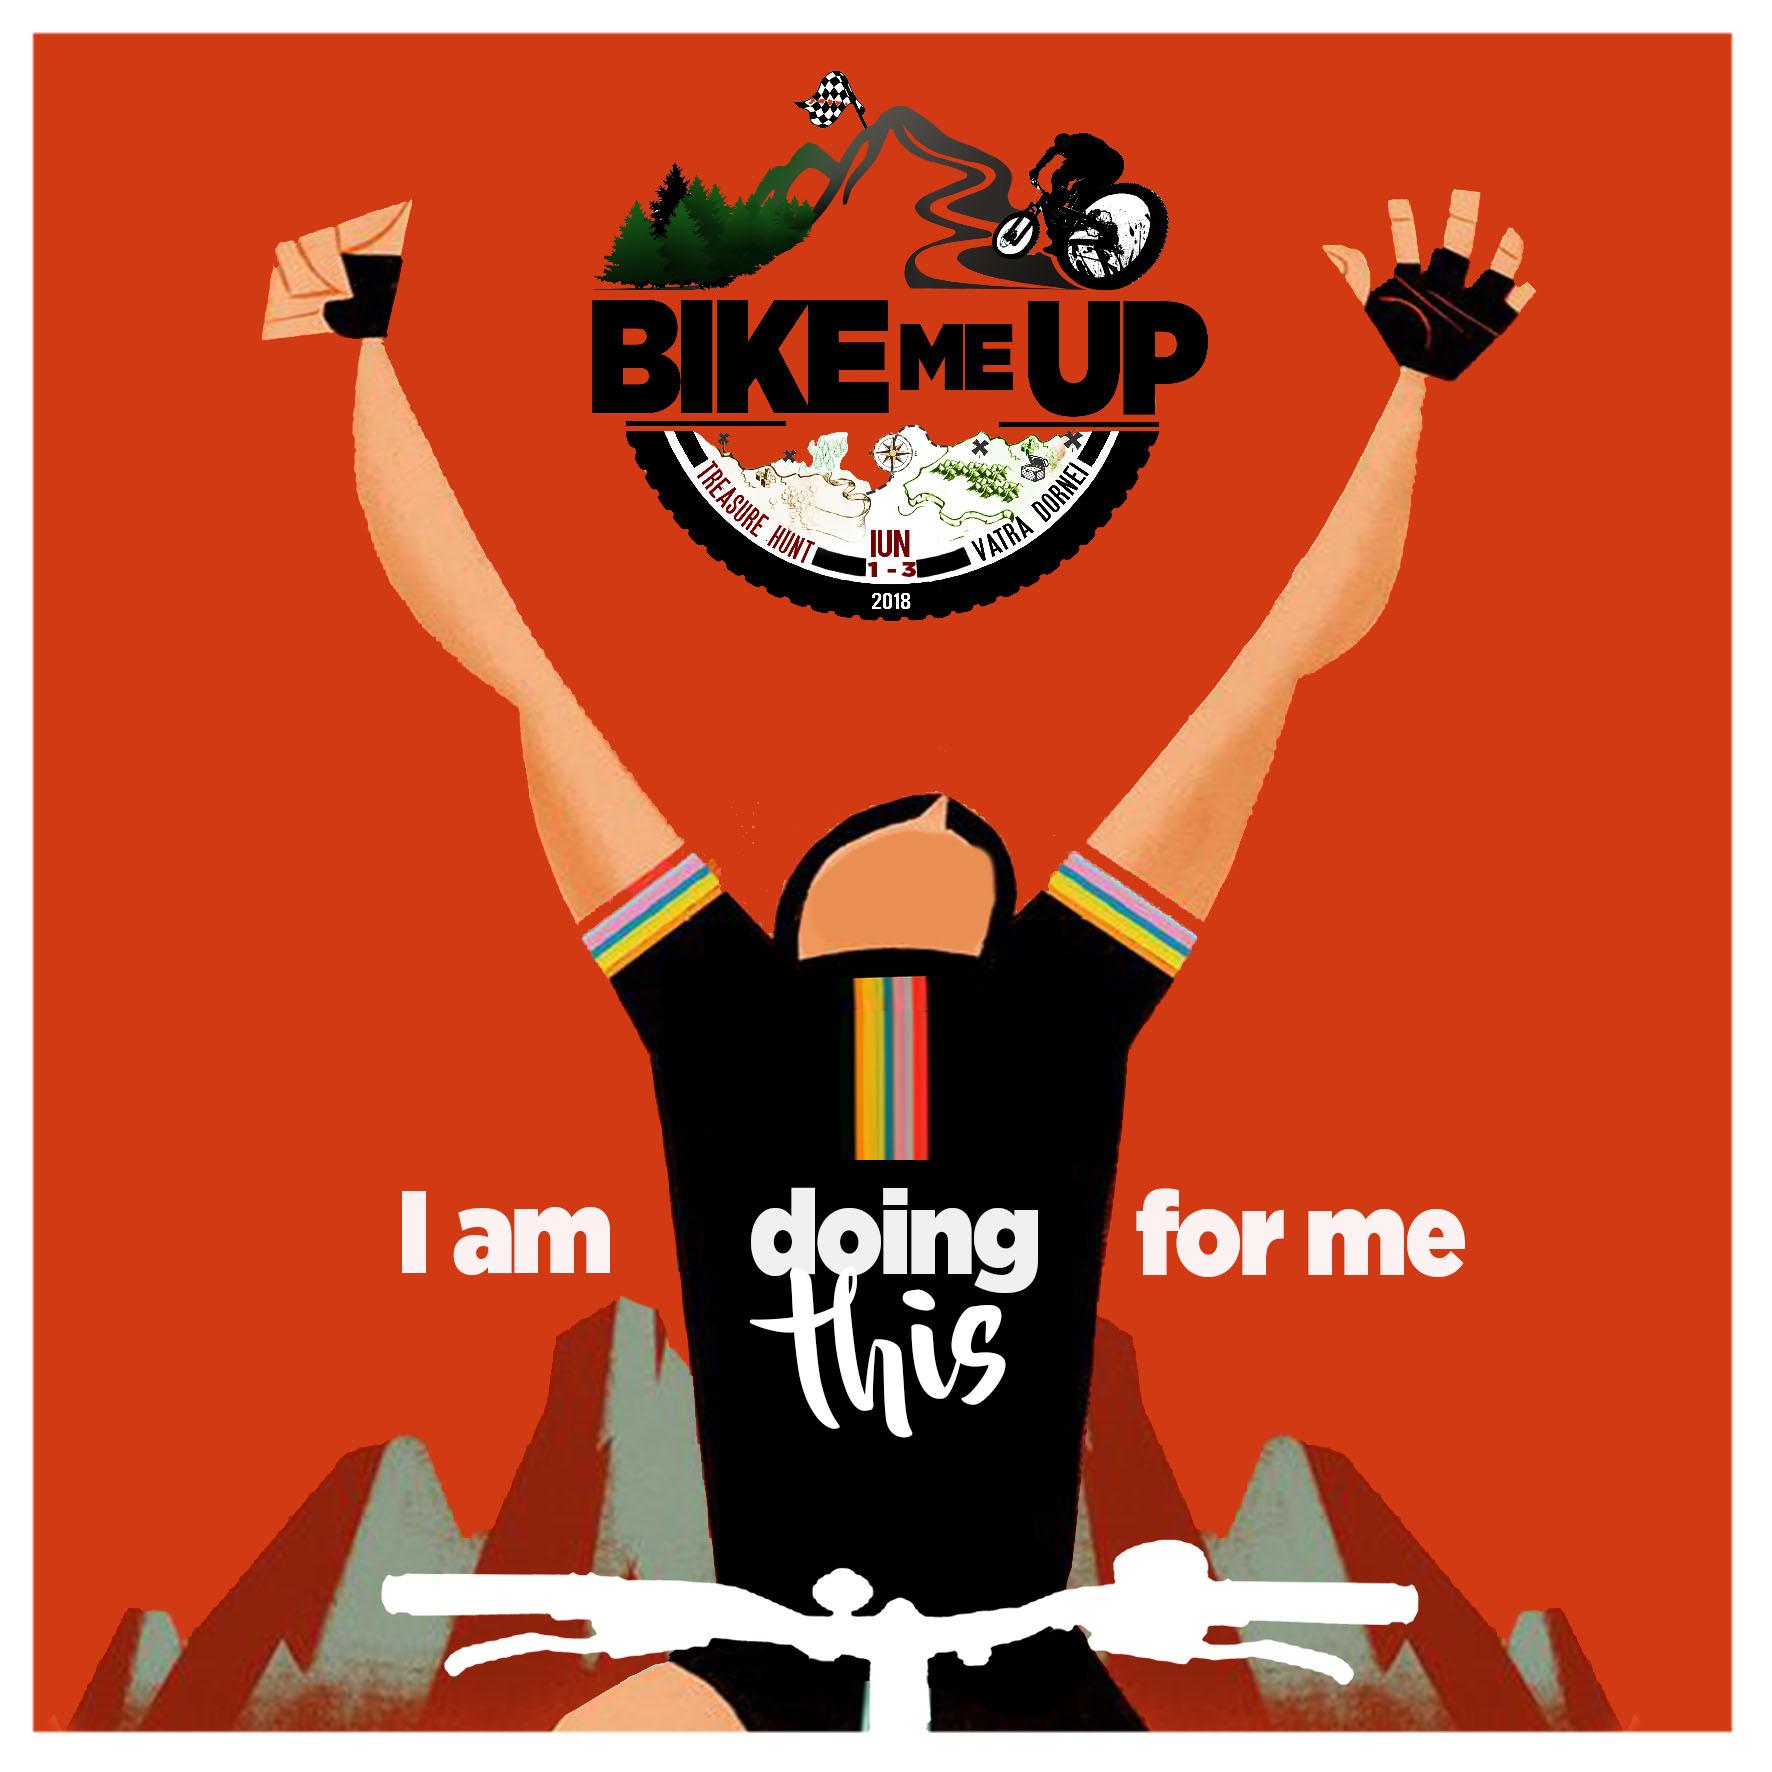 """{focus_keyword} """"Bike Me Up"""", primul festival din Vatra Dornei dedicat bicicliștilor cu peste 1000 de premii, are loc în perioada 1-3 iunie Bike me up"""